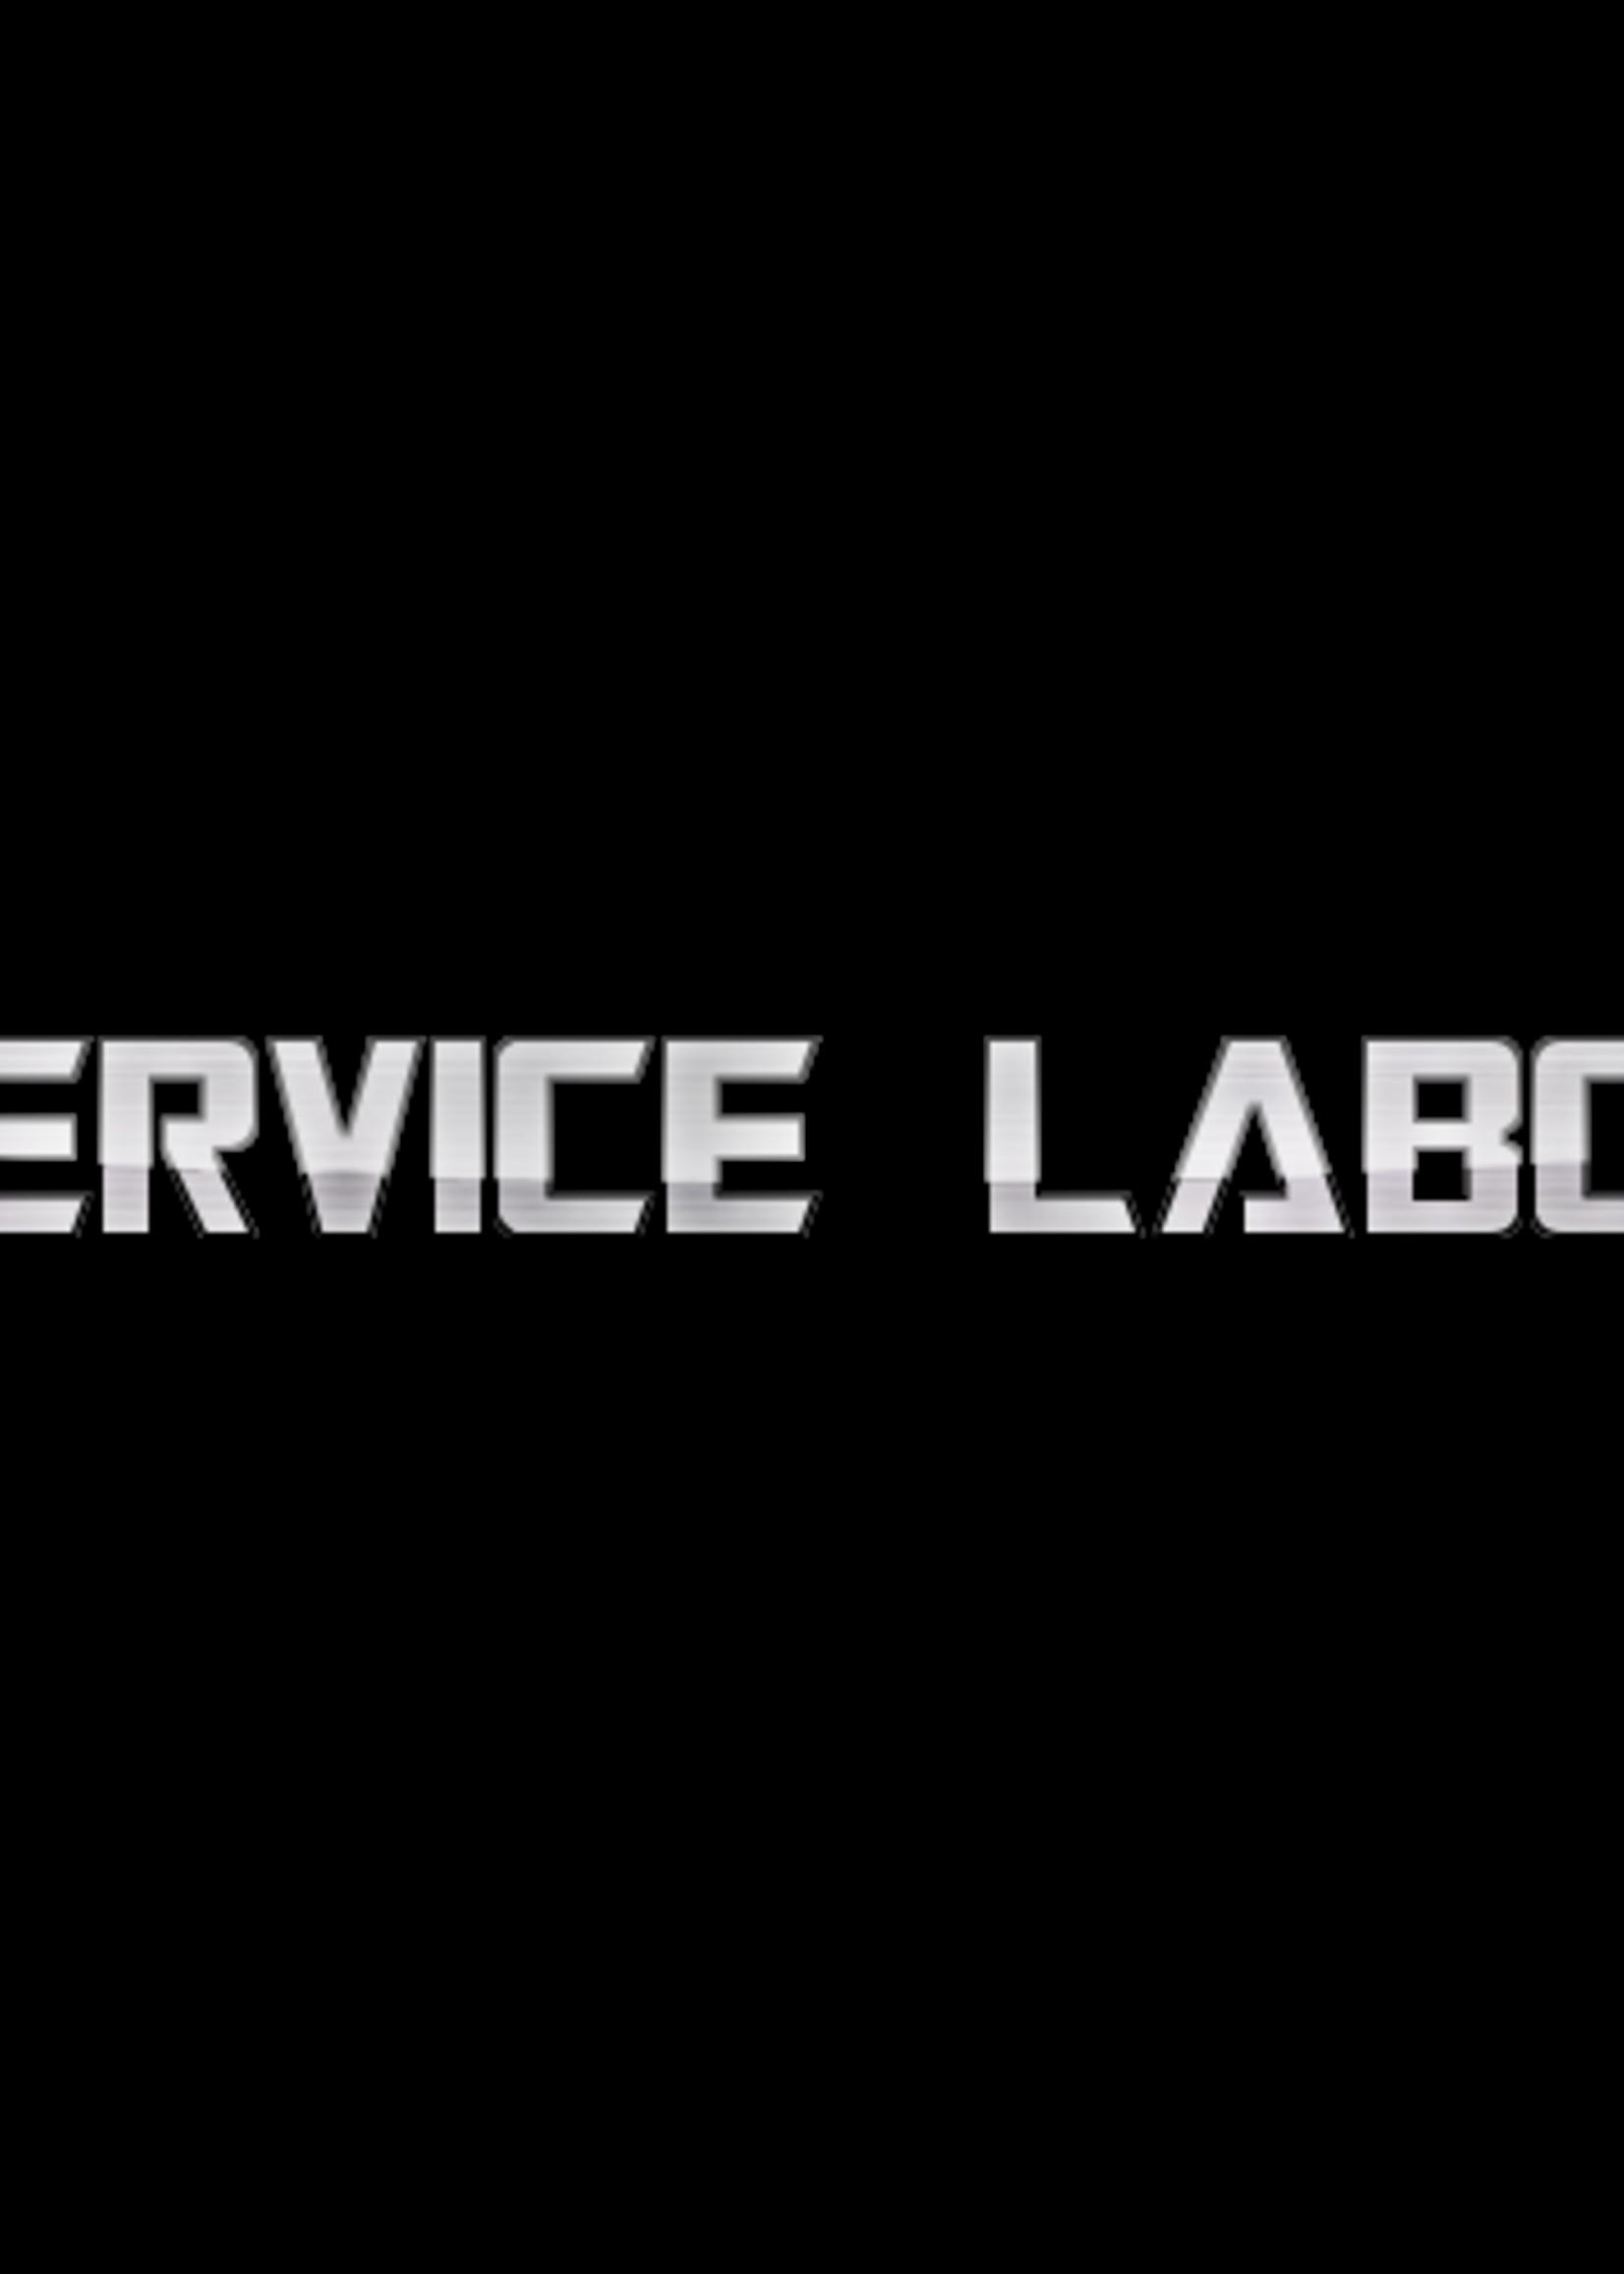 Conquest Service Labor